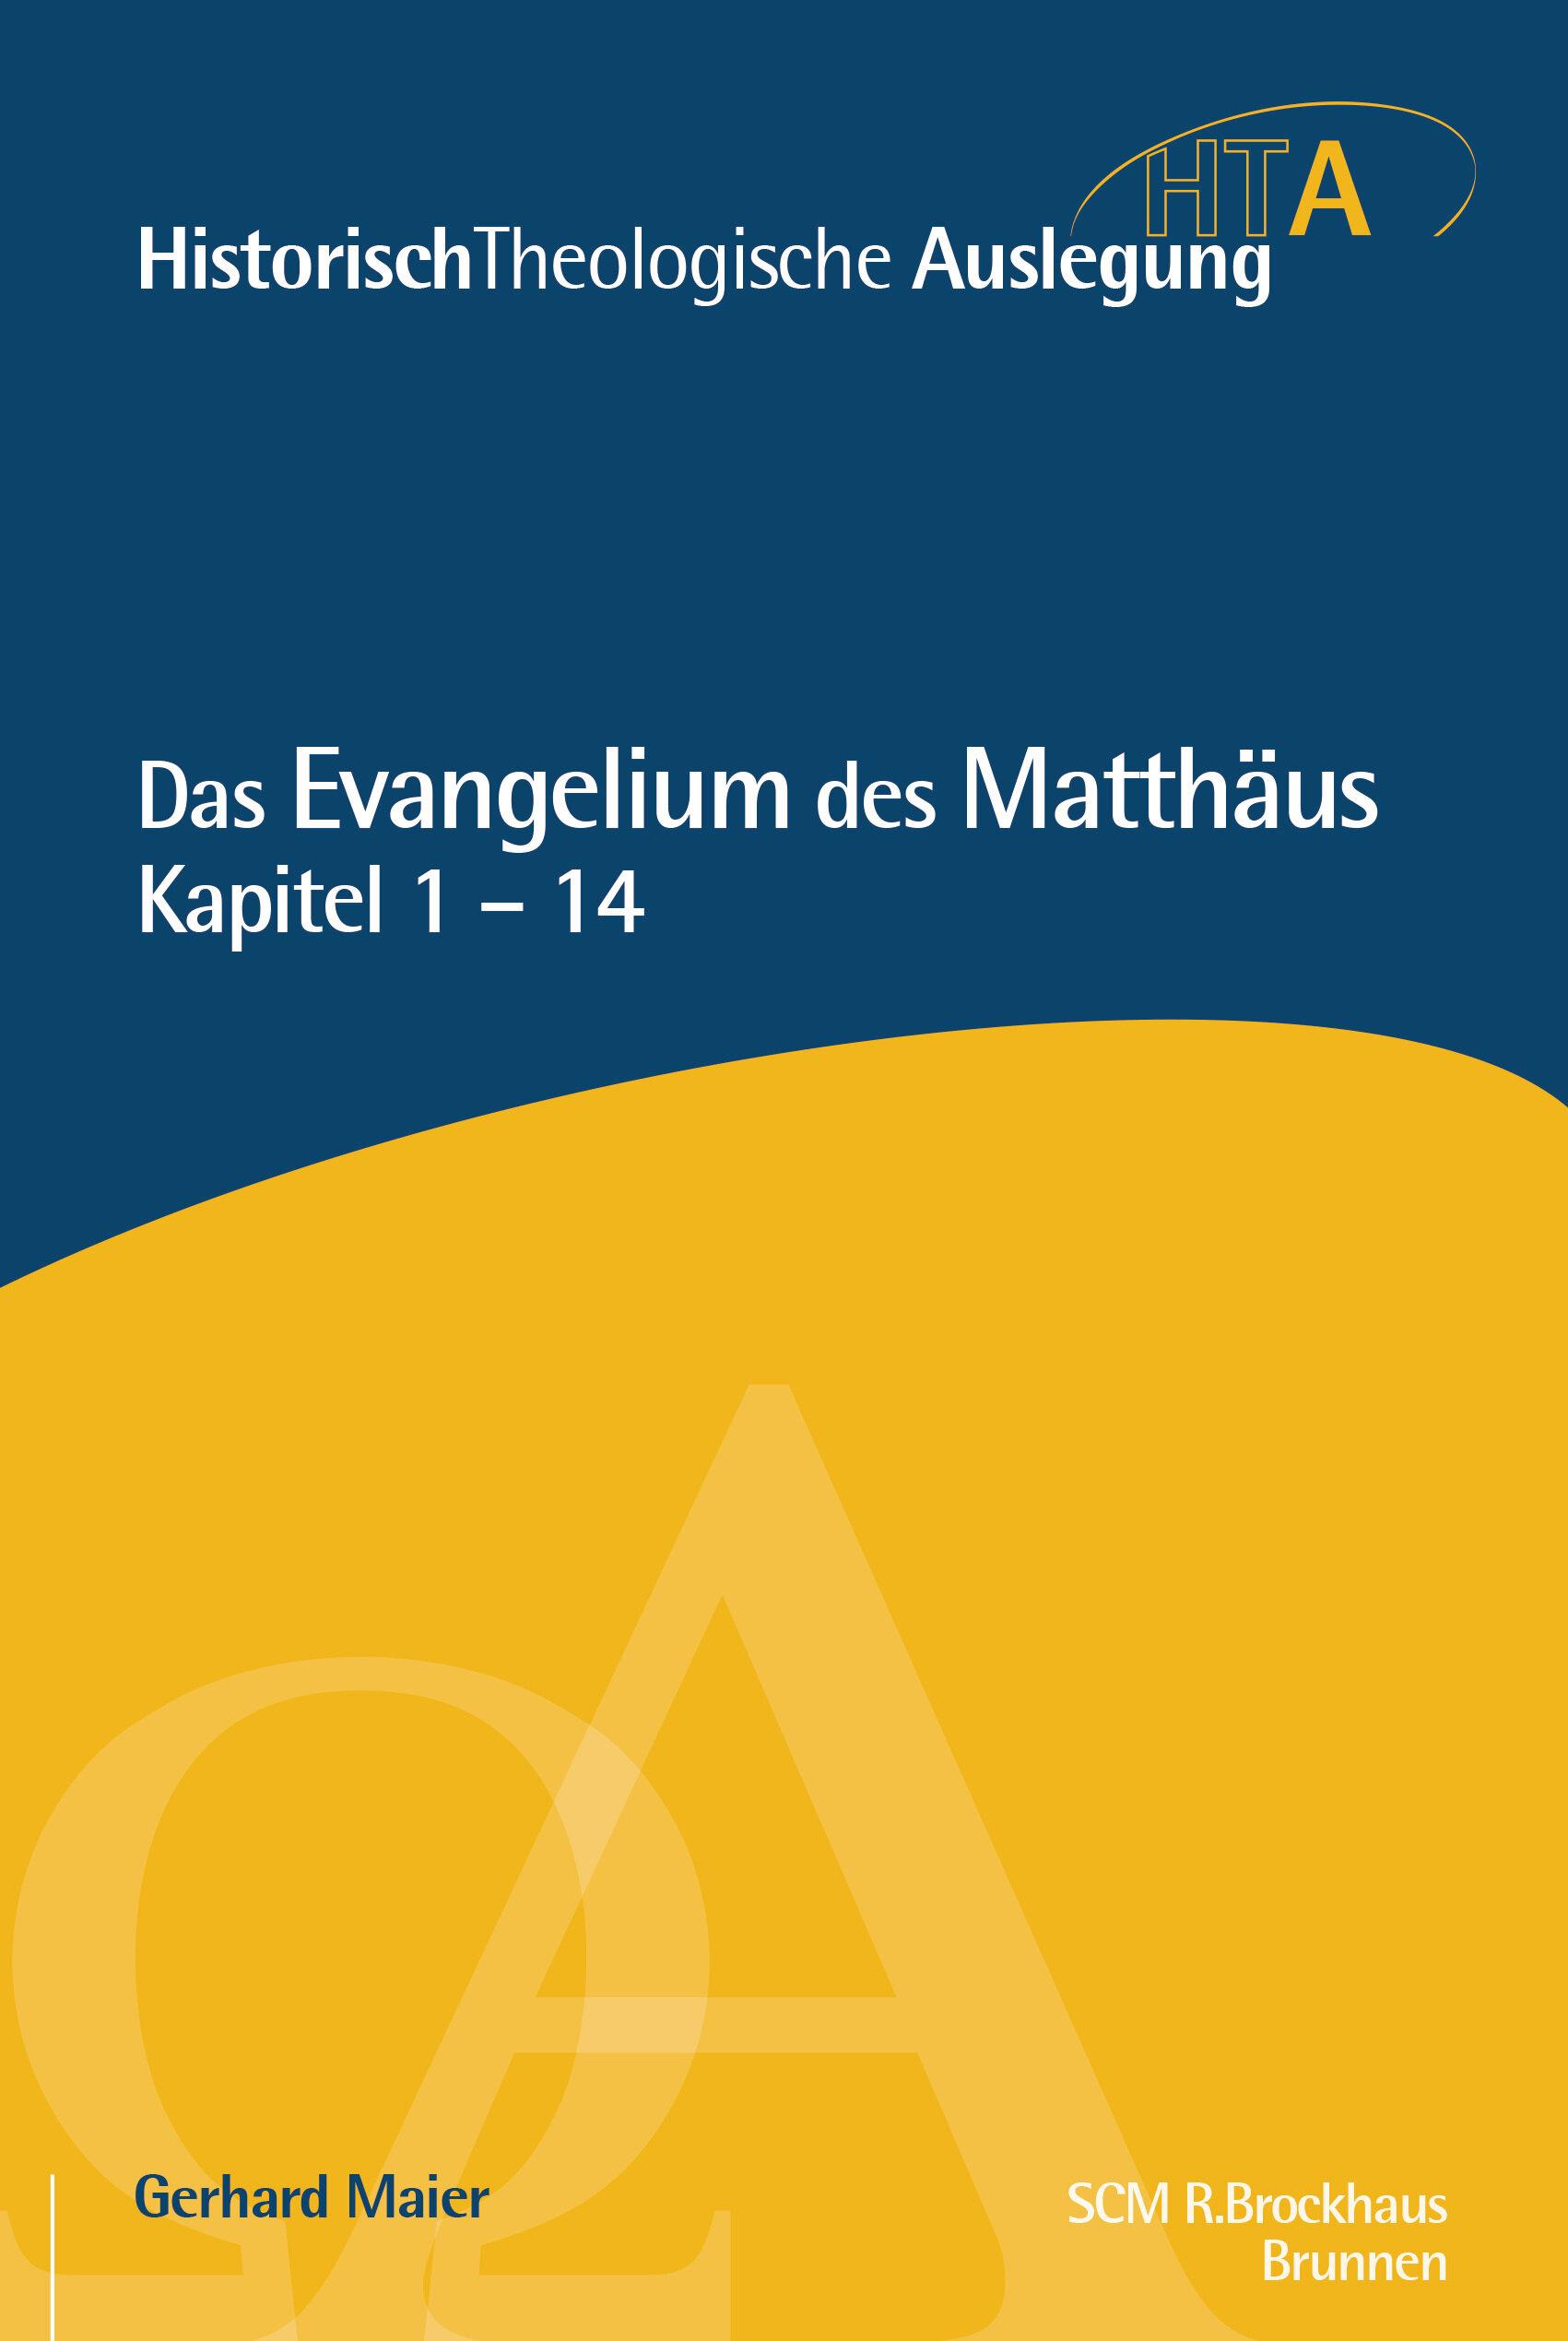 Das Evangelium des Matthäus: Kapitel 1–14 (Historisch-Theologische Auslegung | HTA)